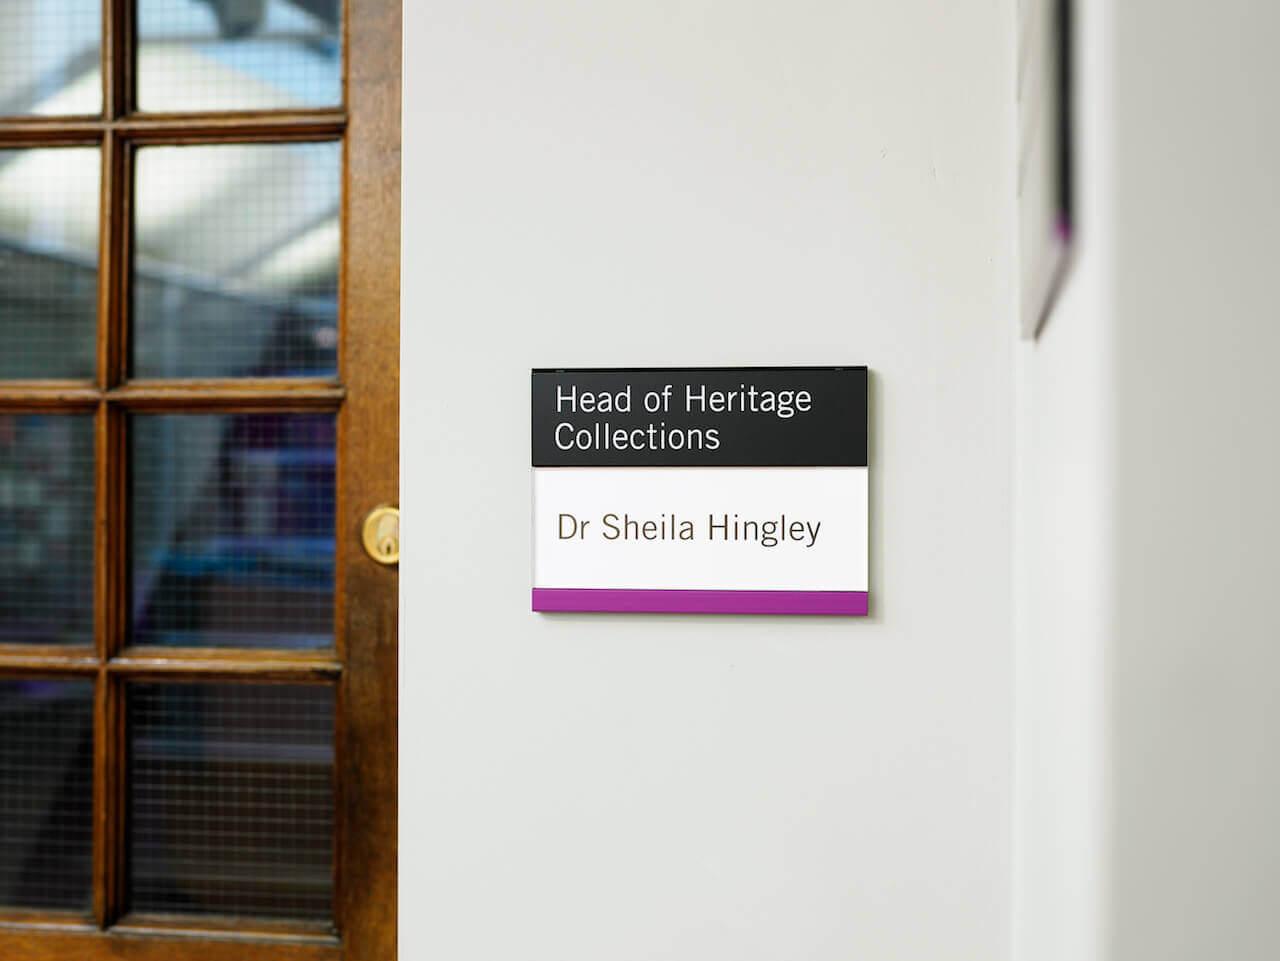 Door signage at Palace Green Library